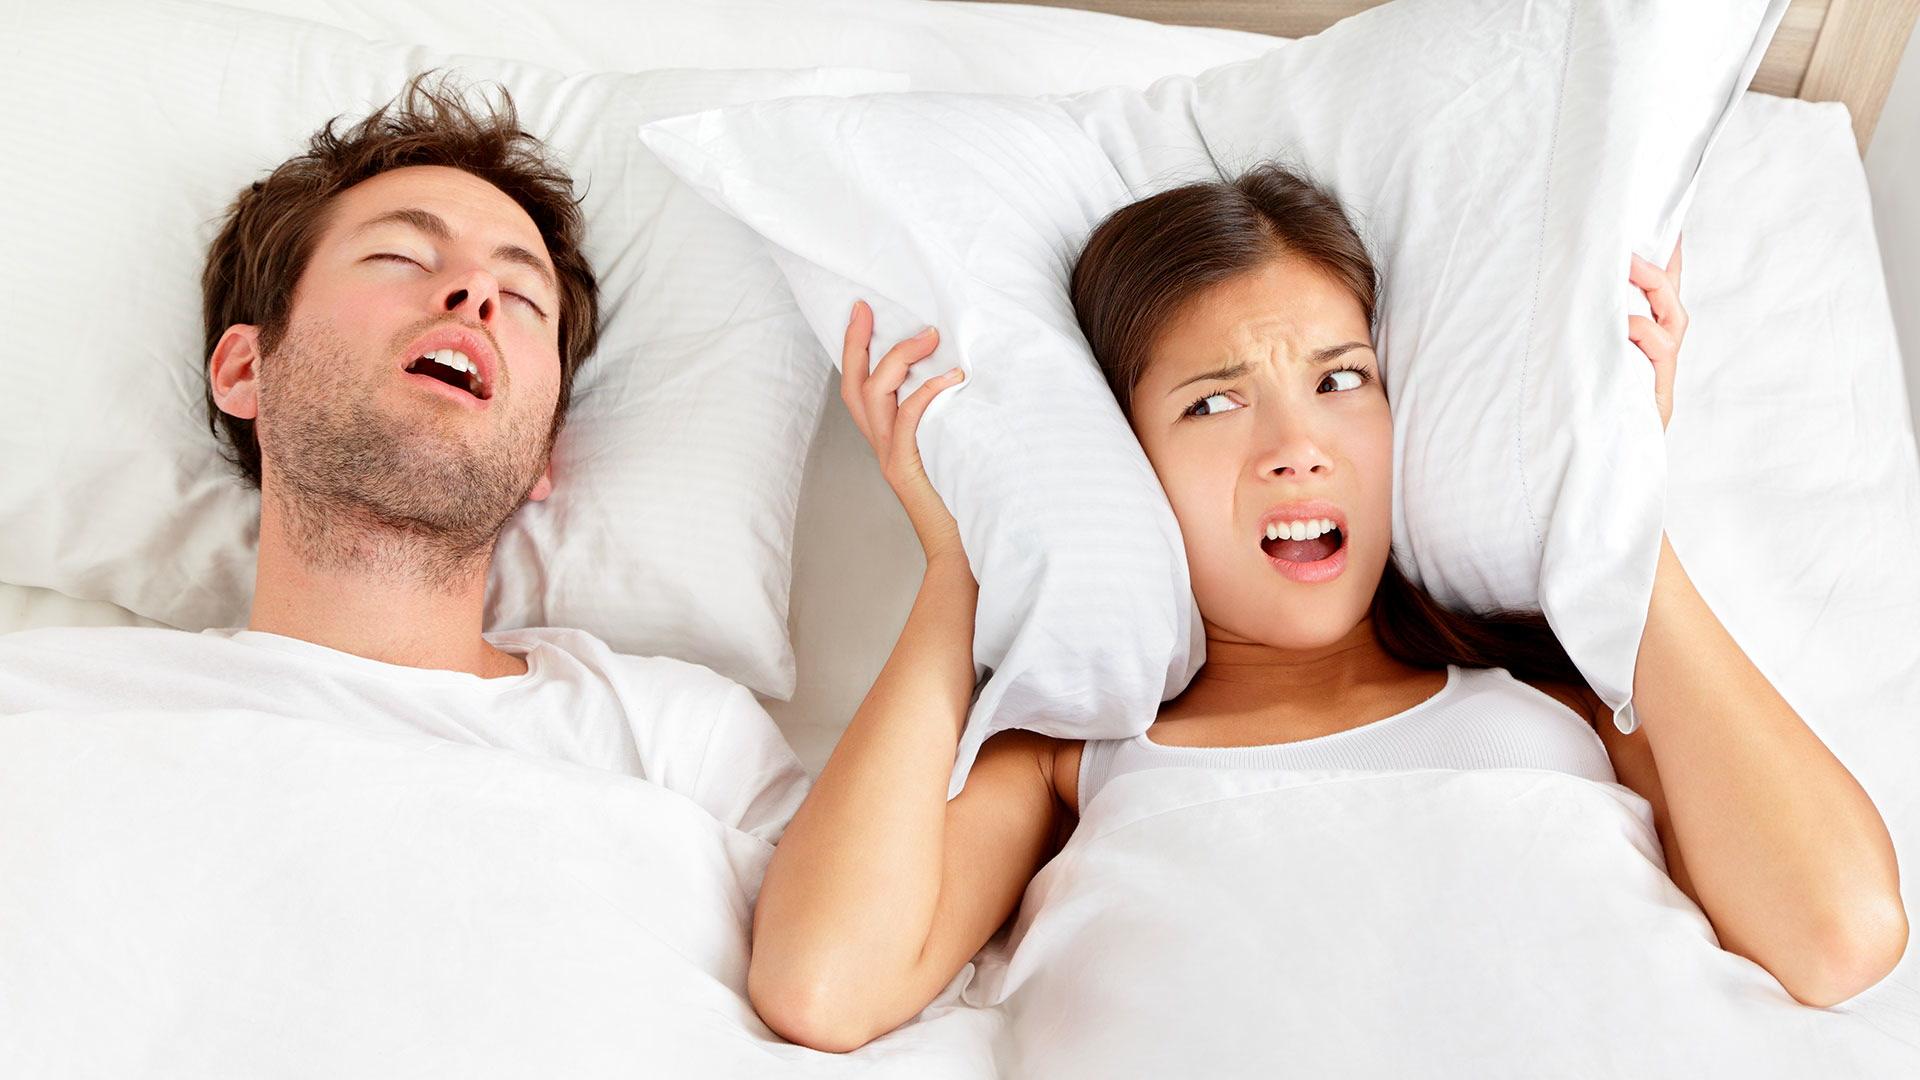 Extractions And Sleep Apnoea